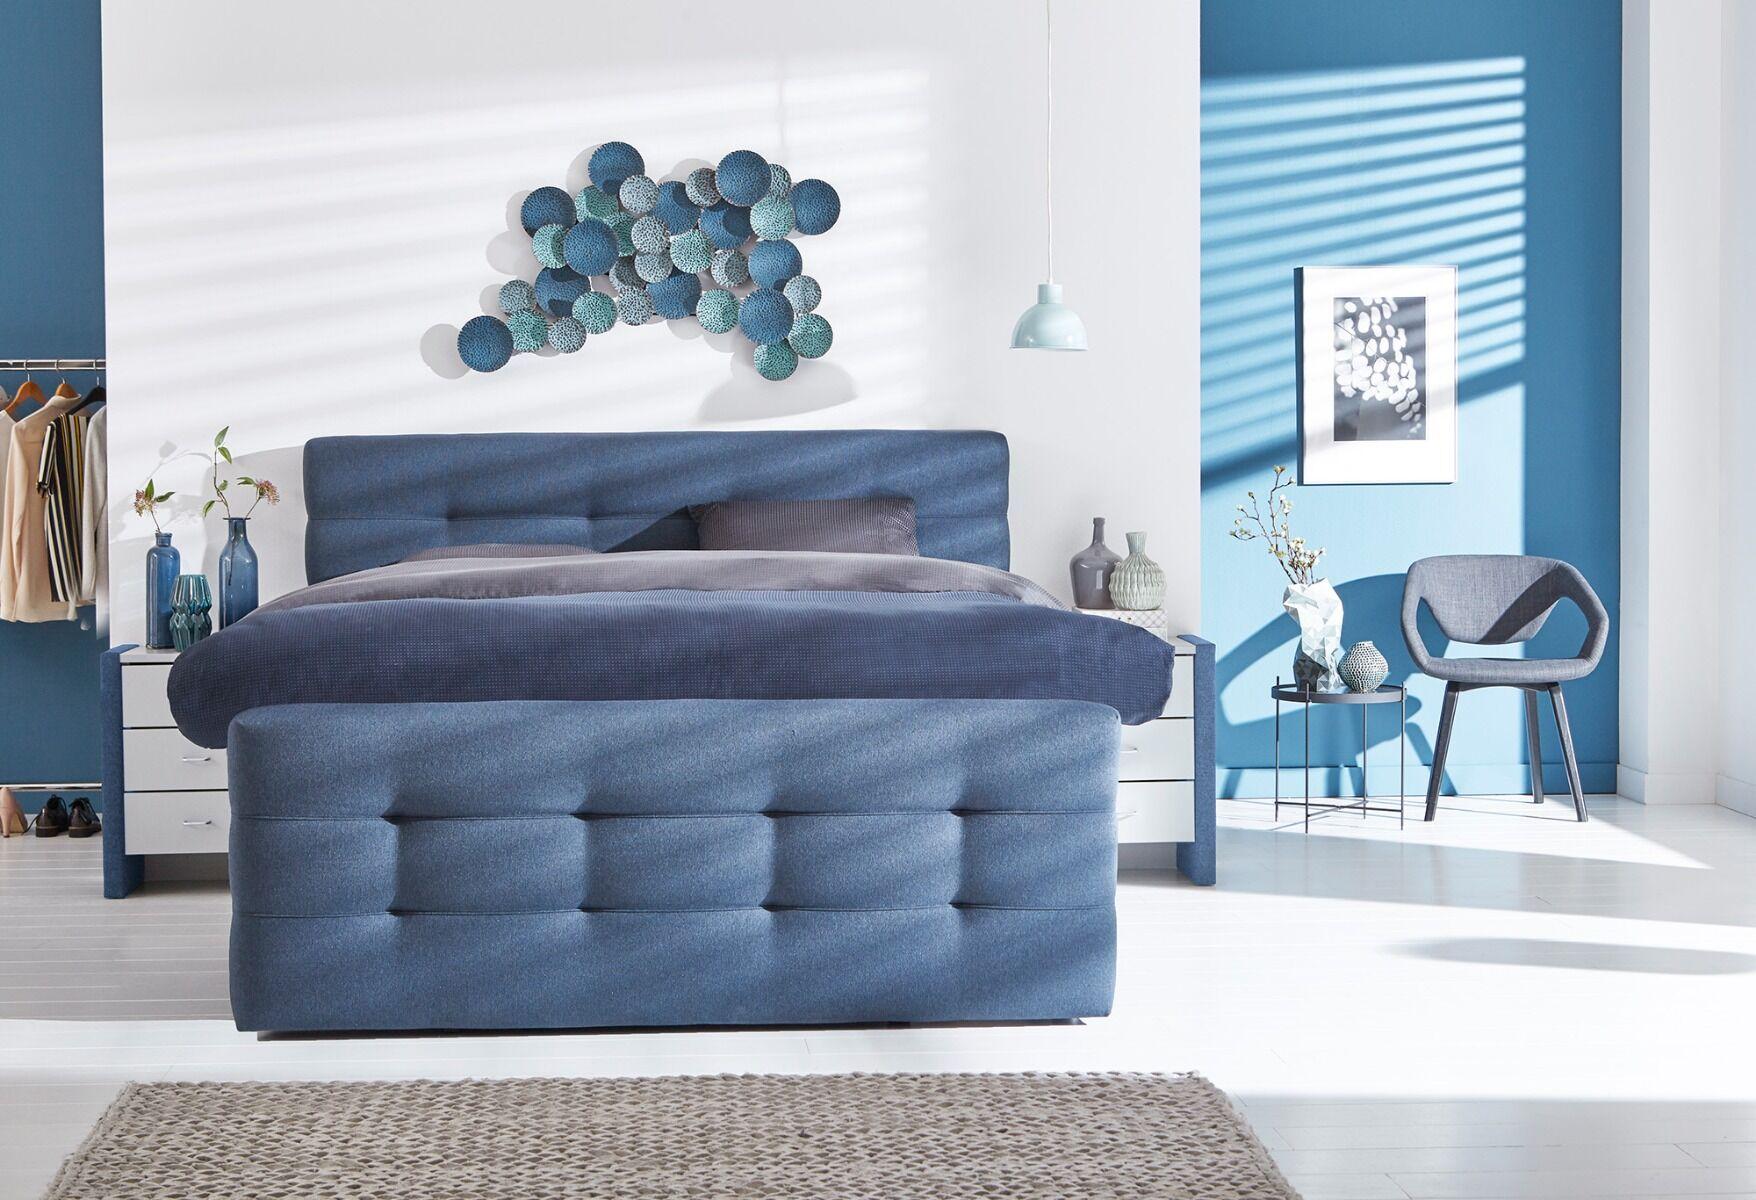 Bed 3 - Tijd voor een nieuw bed? Bedden inspiratie!